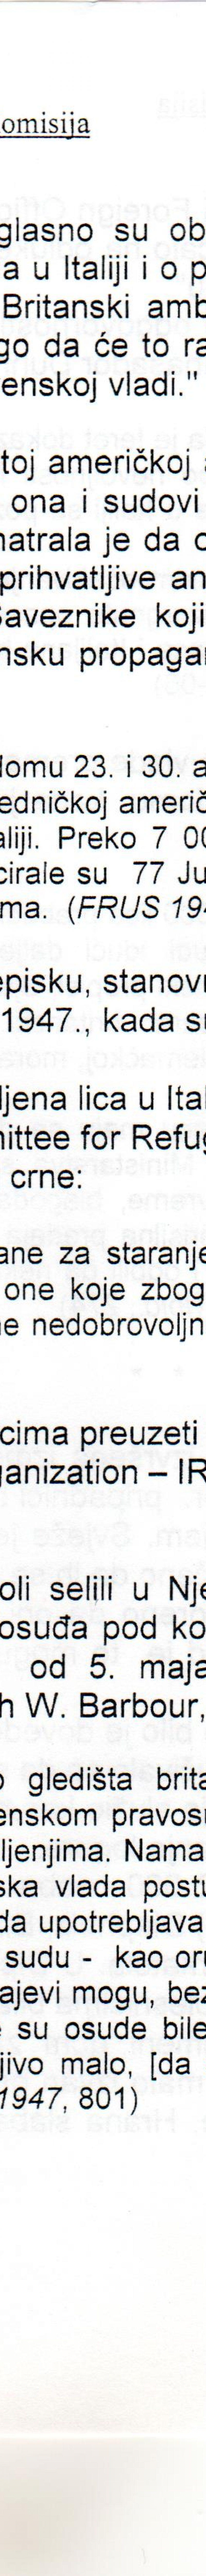 Dra-27.jpeg